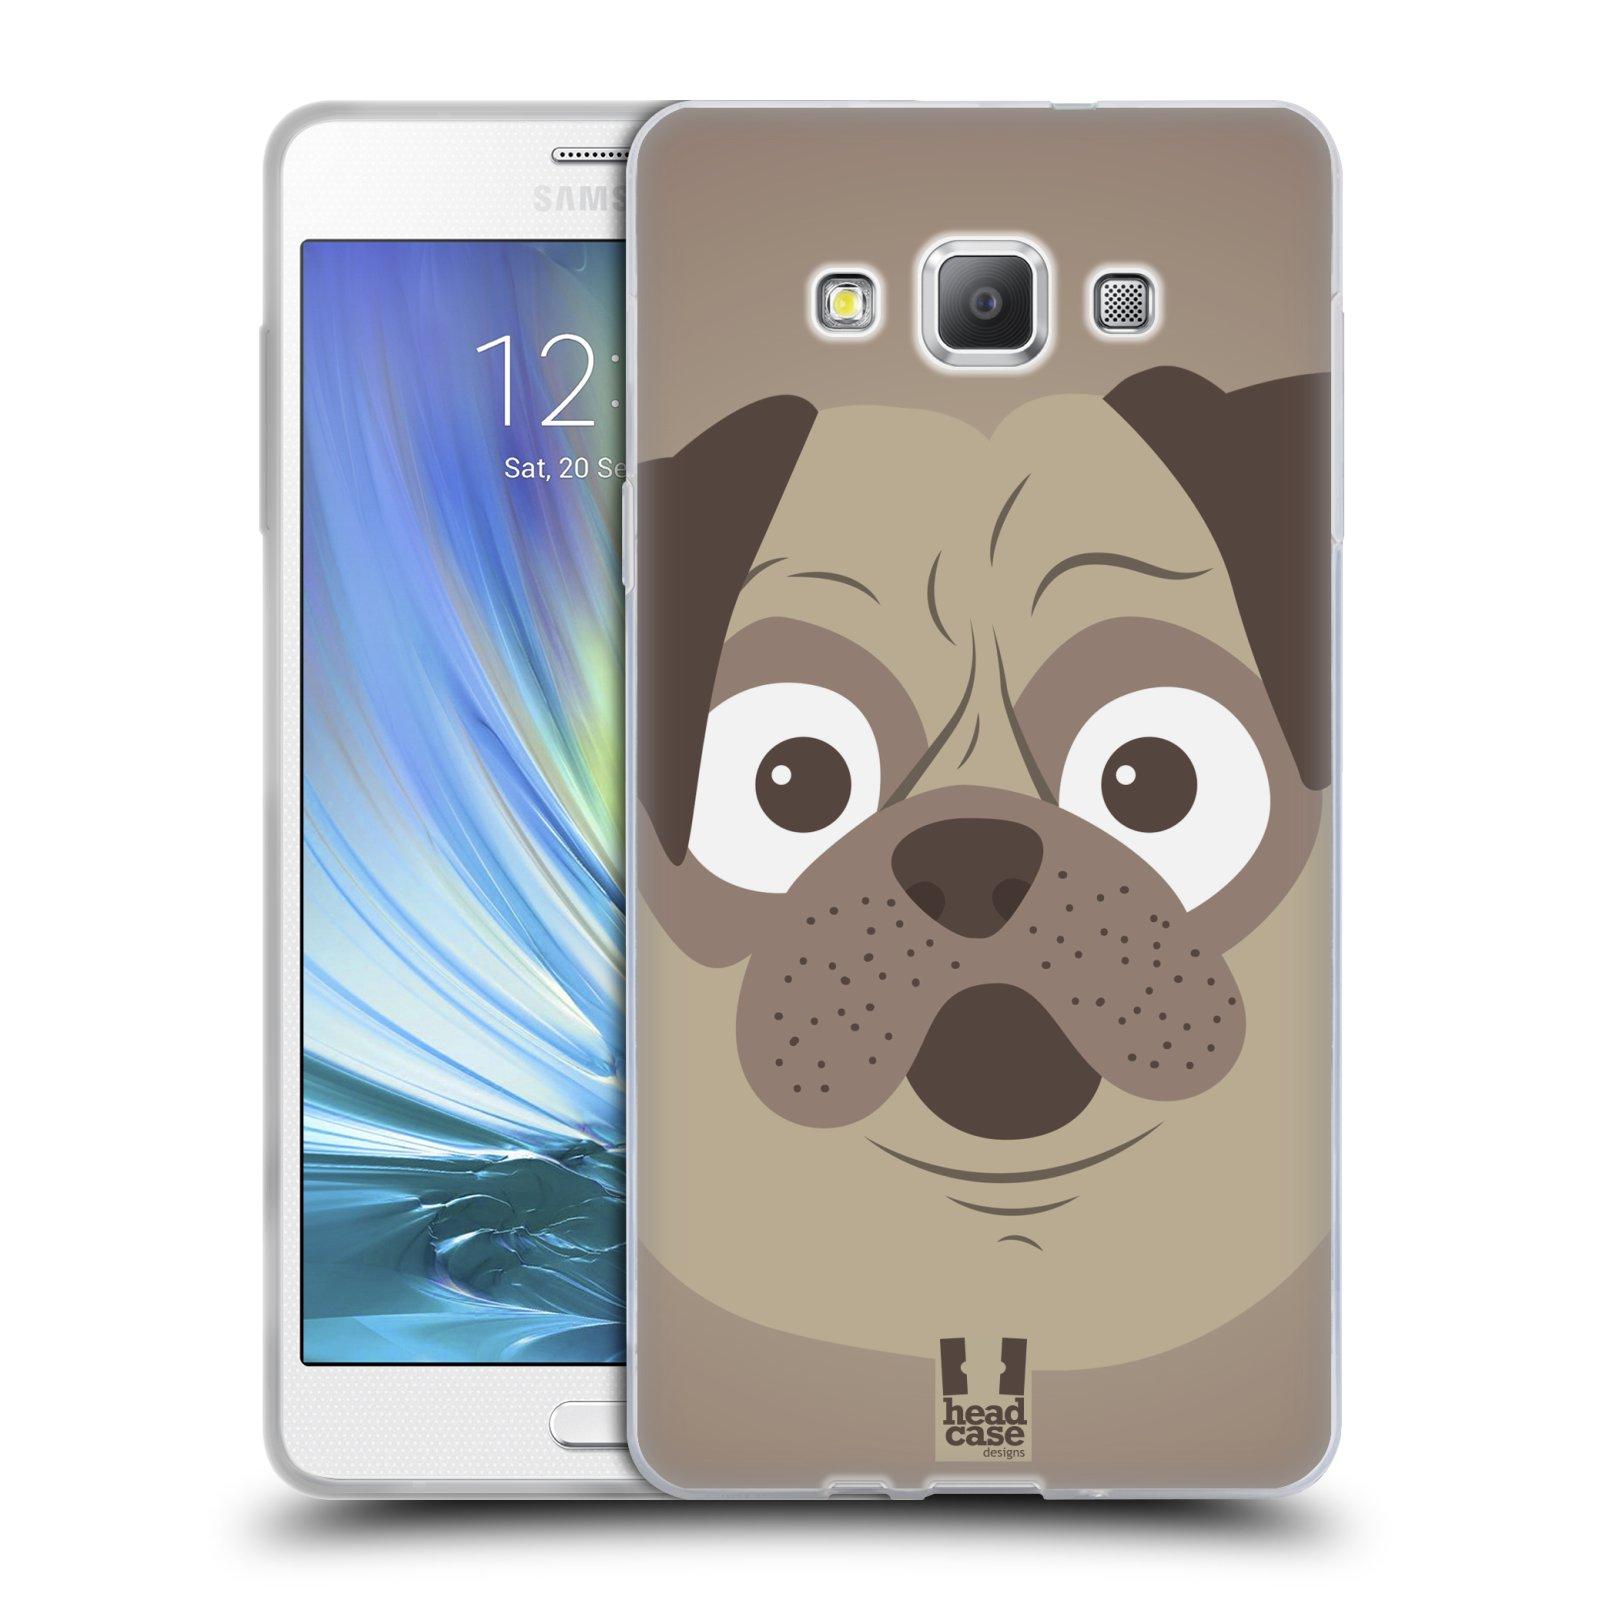 HEAD CASE silikonový obal na mobil Samsung Galaxy A7 vzor Cartoon Karikatura barevná kreslená zvířátka pes mopsík